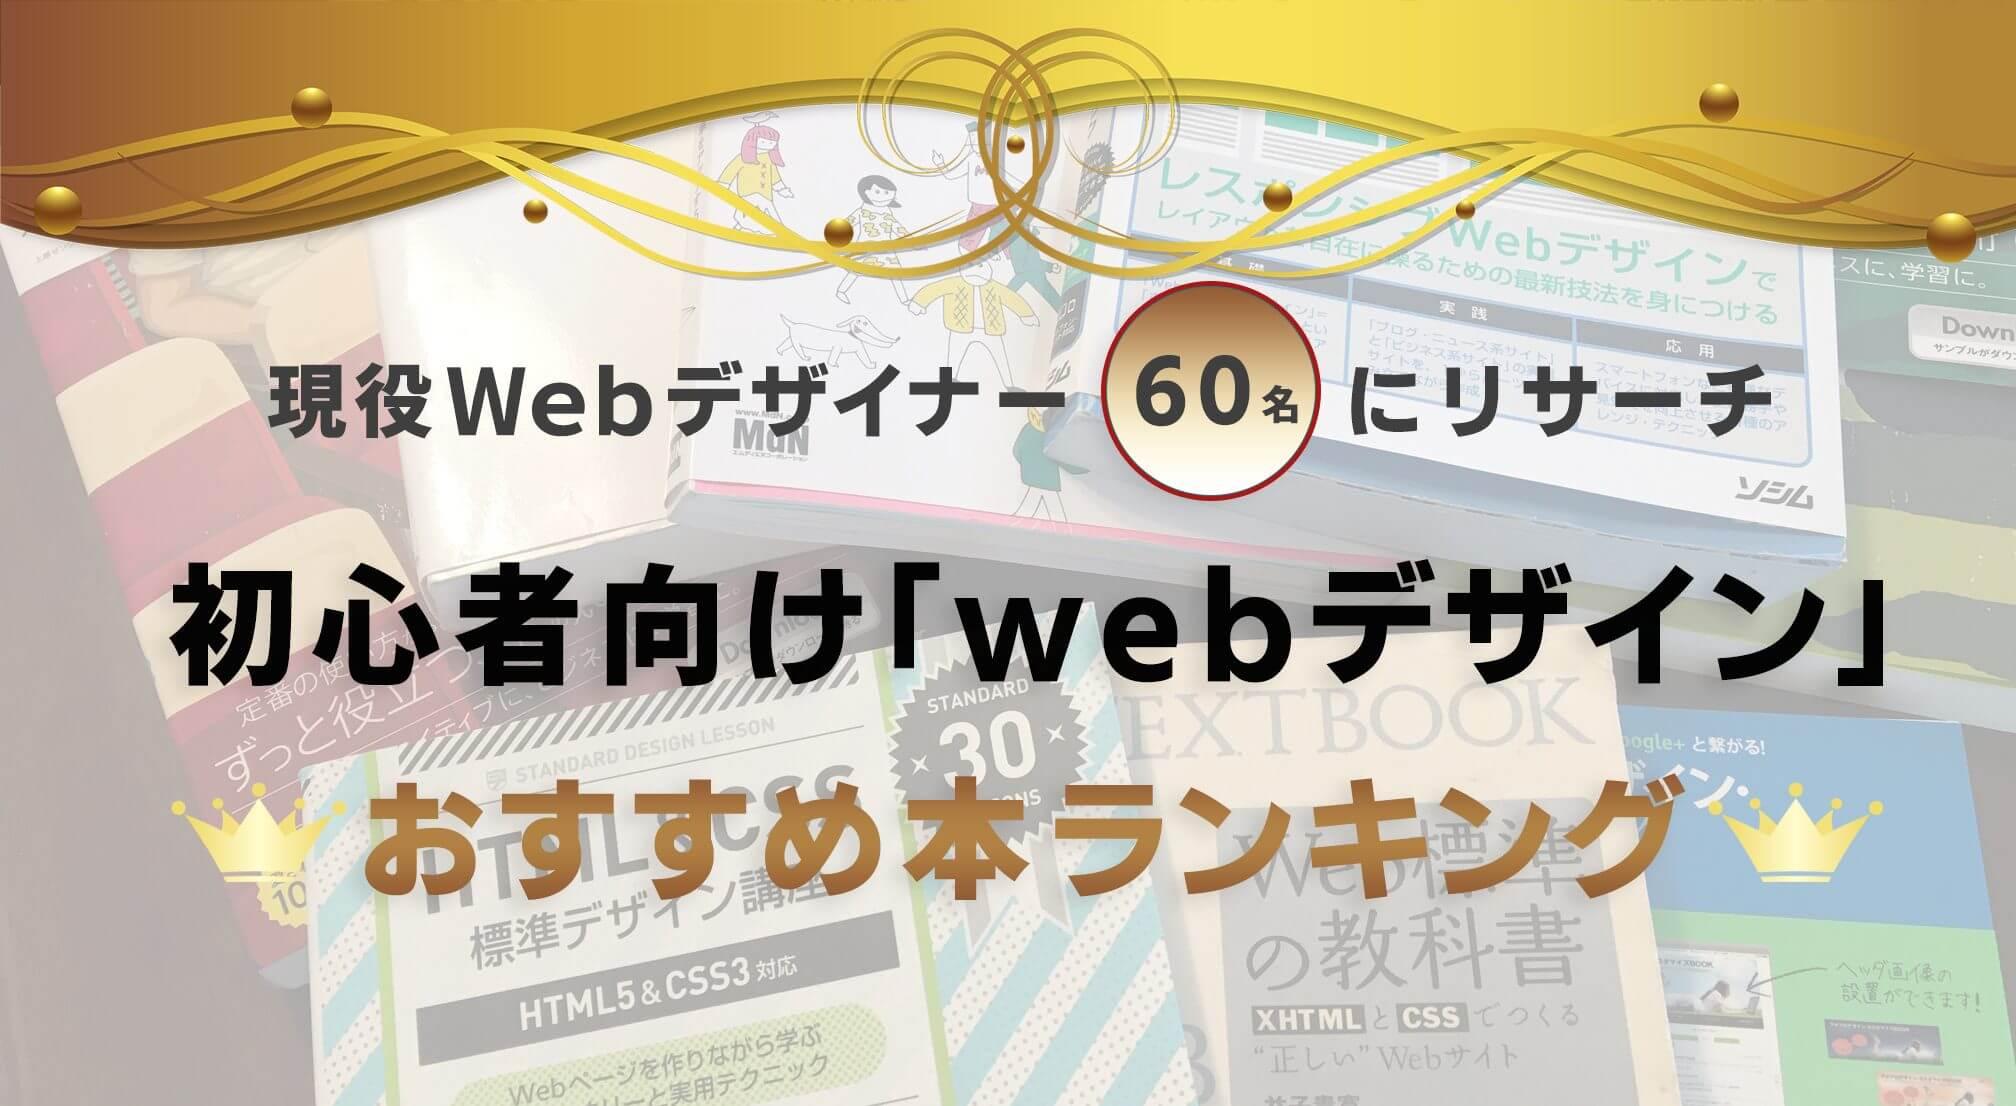 現役Webデザイナー60名にリサーチ!初心者向け「webデザイン」おすすめ本ランキング